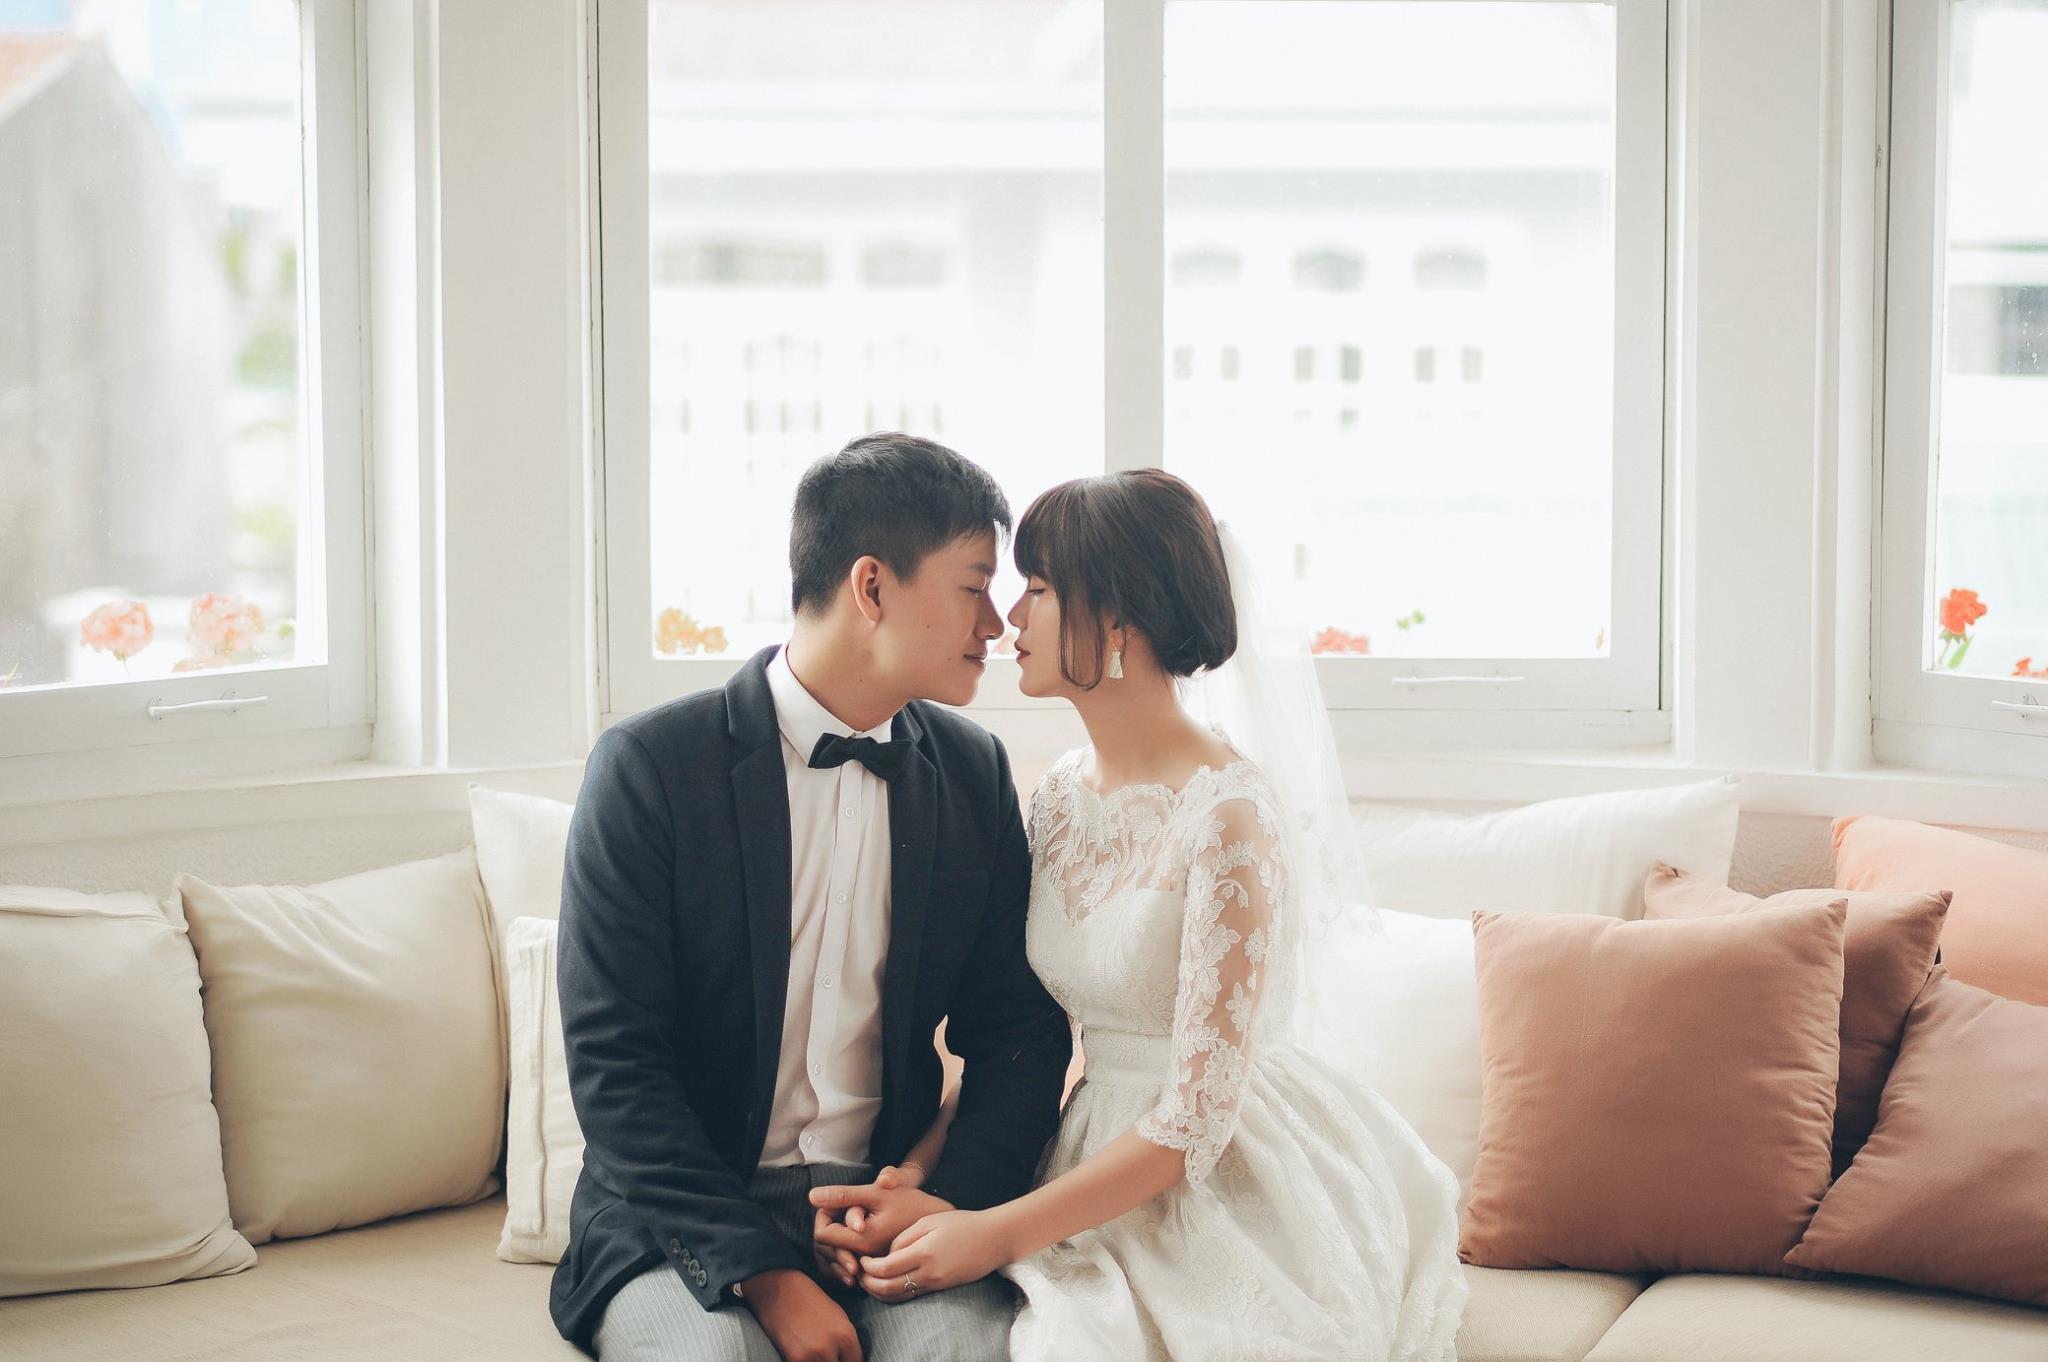 Trọn bộ ảnh cưới giản dị nhưng ngập tràn hạnh phúc của MC Trần Ngọc và 9x xinh đẹp - Ảnh 10.